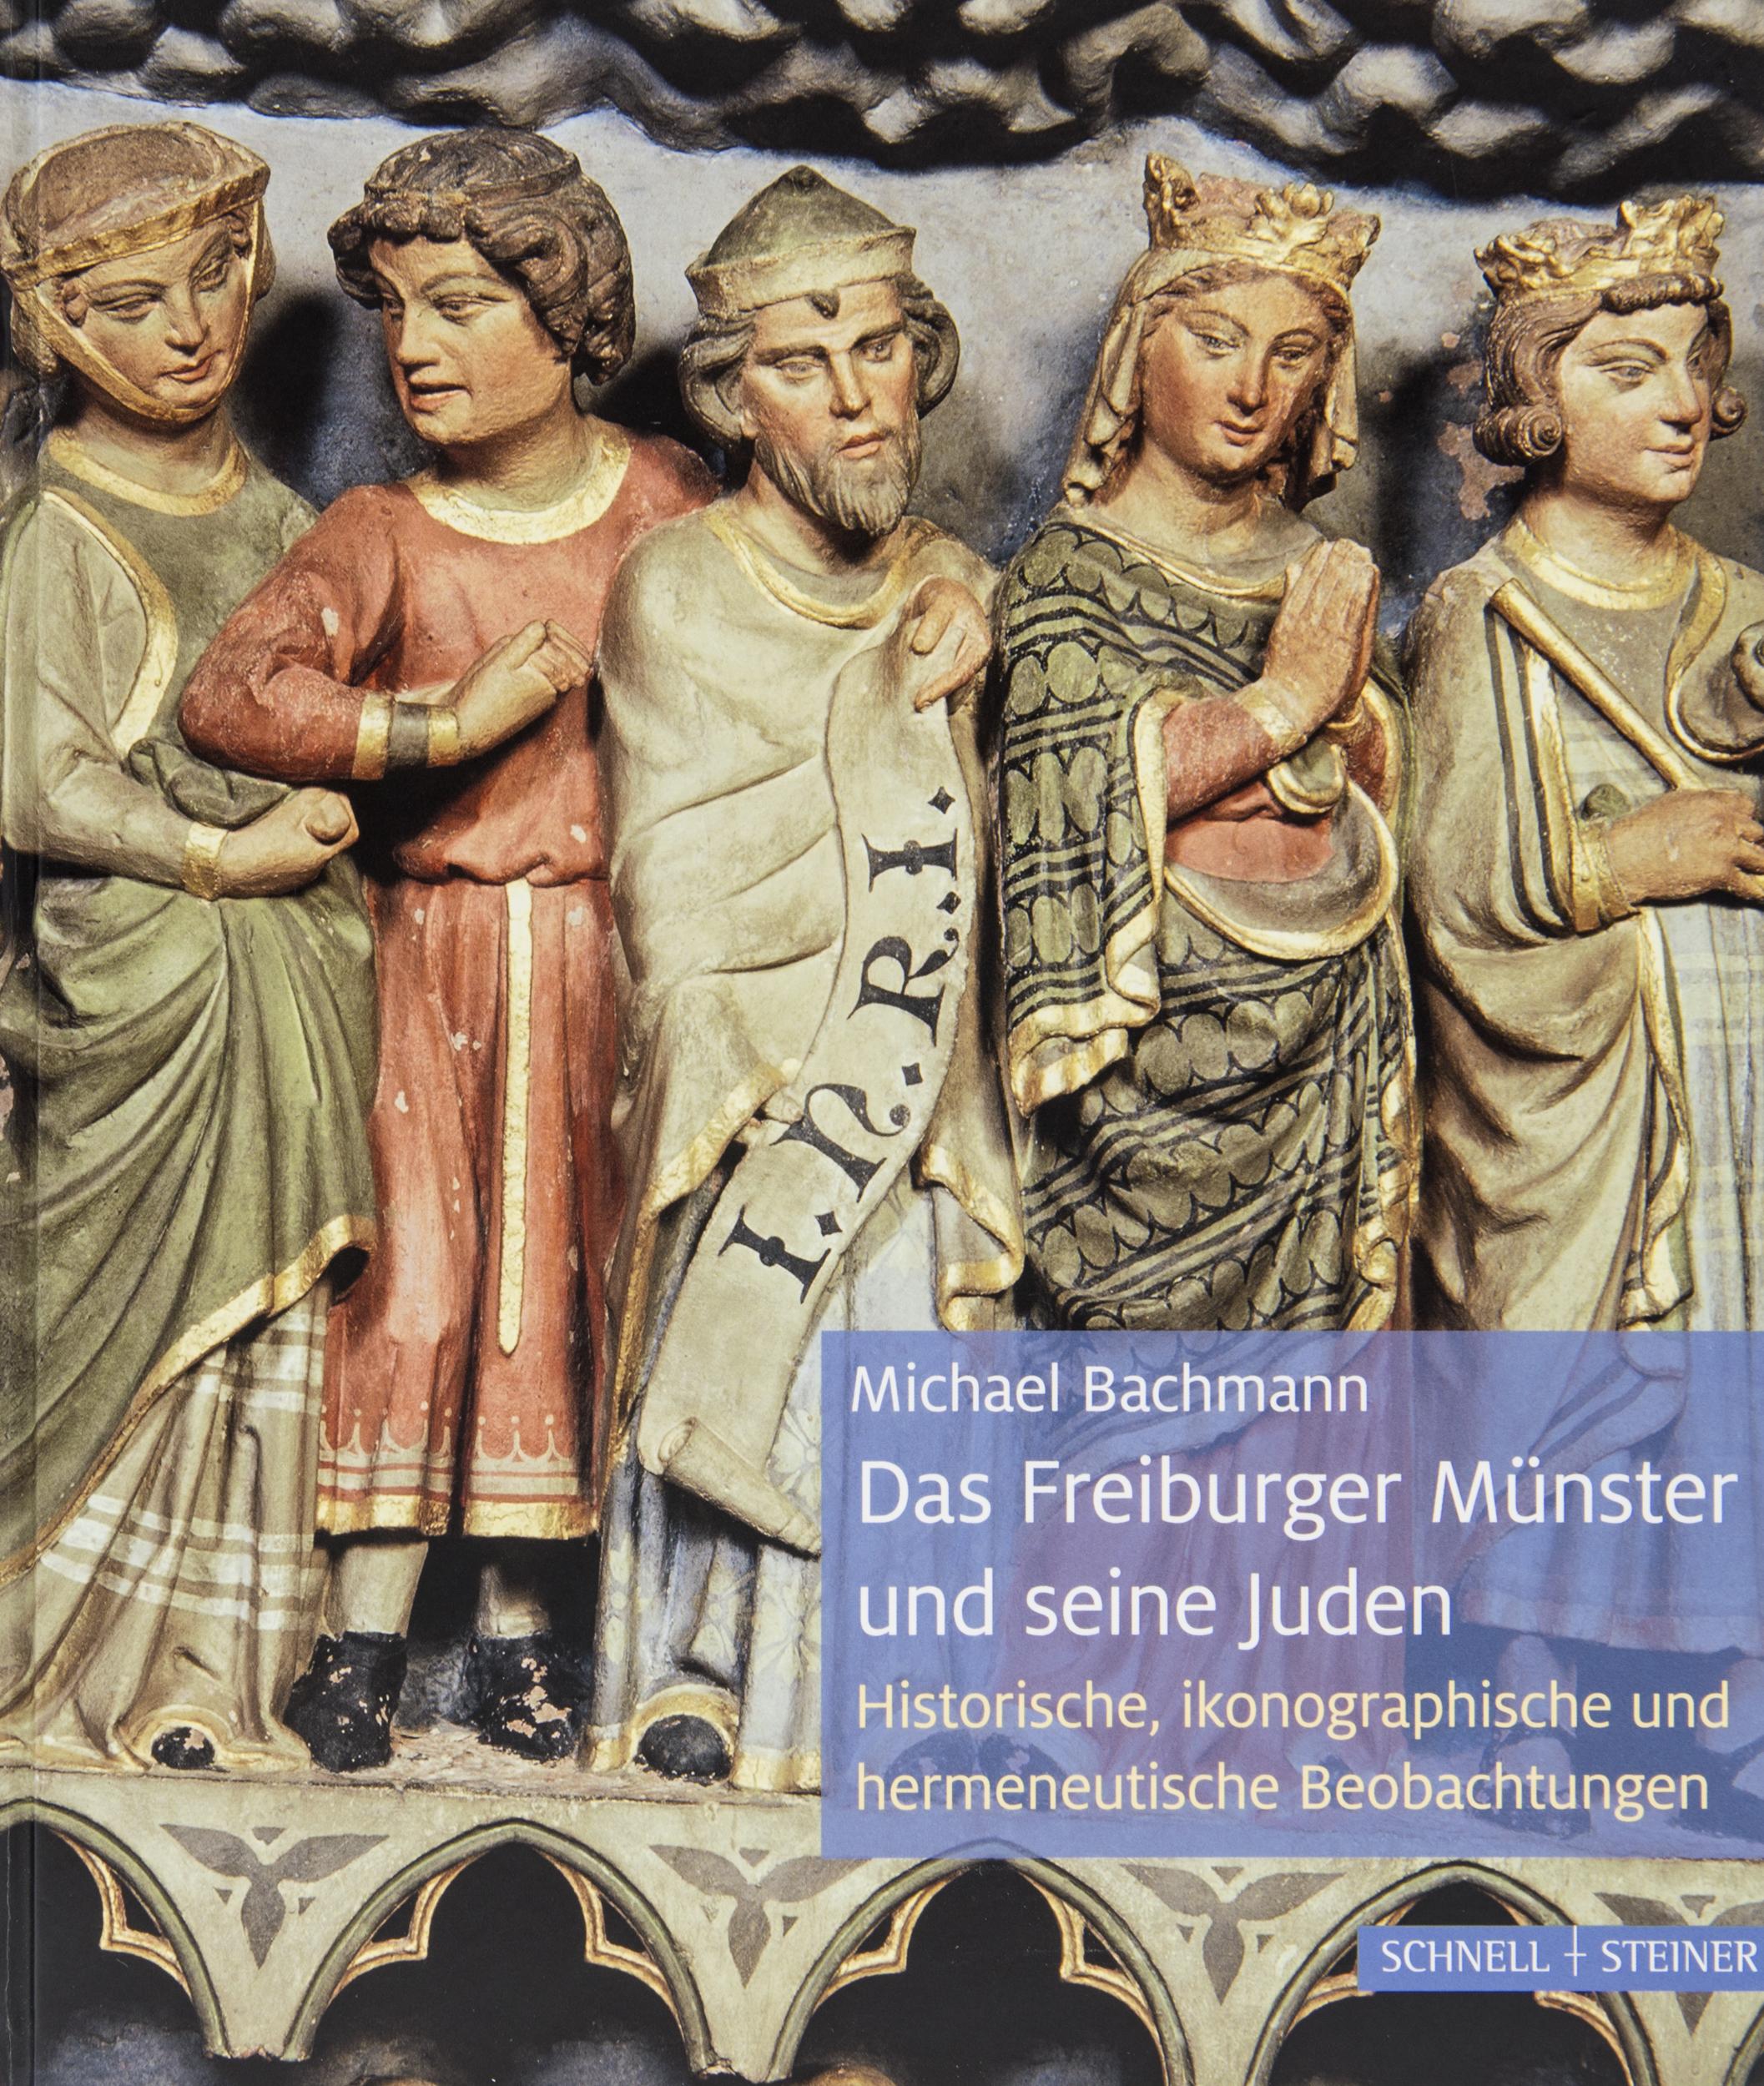 Münsterladen Freiburg Buch Bachmann Das Freiburger Münster und seine Juden